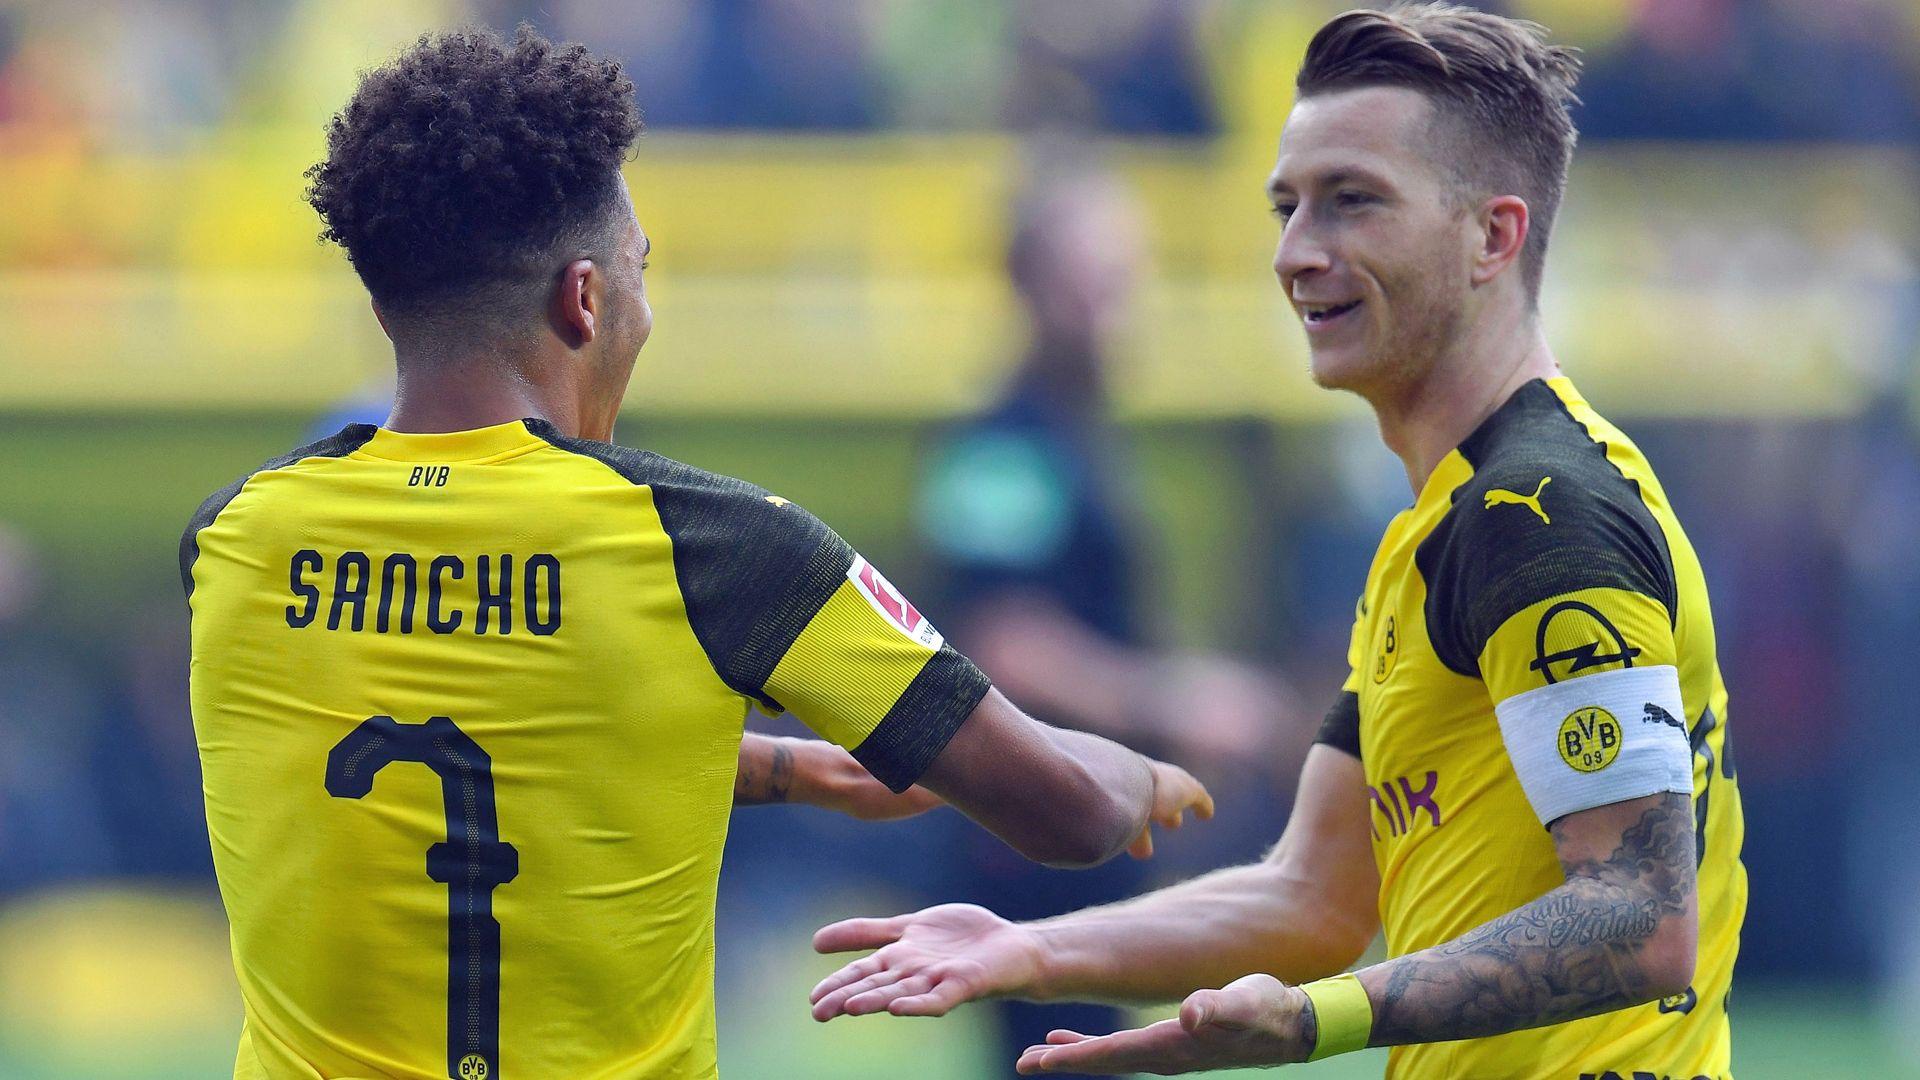 """Reali """"dridh"""" Dortmundin, 70 milionë euro për Sanchon"""